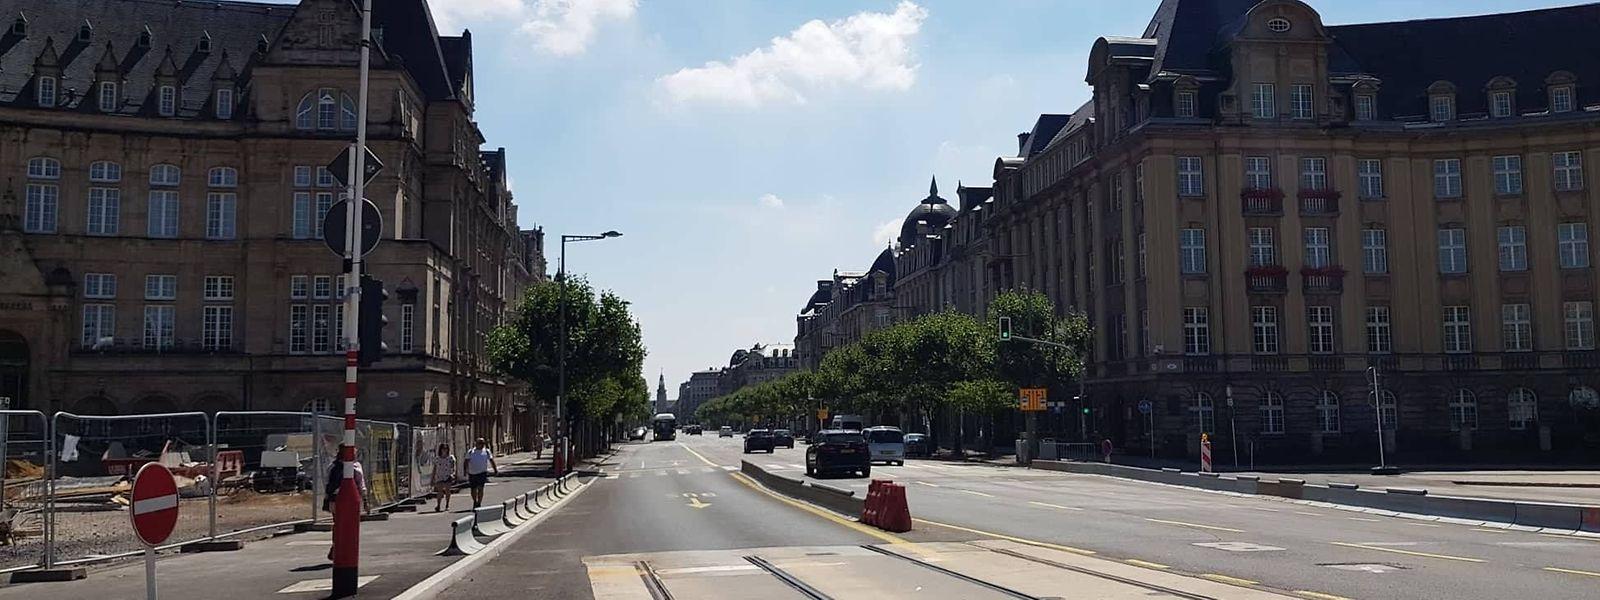 Die ersten Tramschienen wurden im Zuge der Renovierung des Pont Adolphe bis zur Place de Metz verlegt. Ende 2020/Anfang 2021 wird die Straßenbahn über die Nei Avenue fahren.